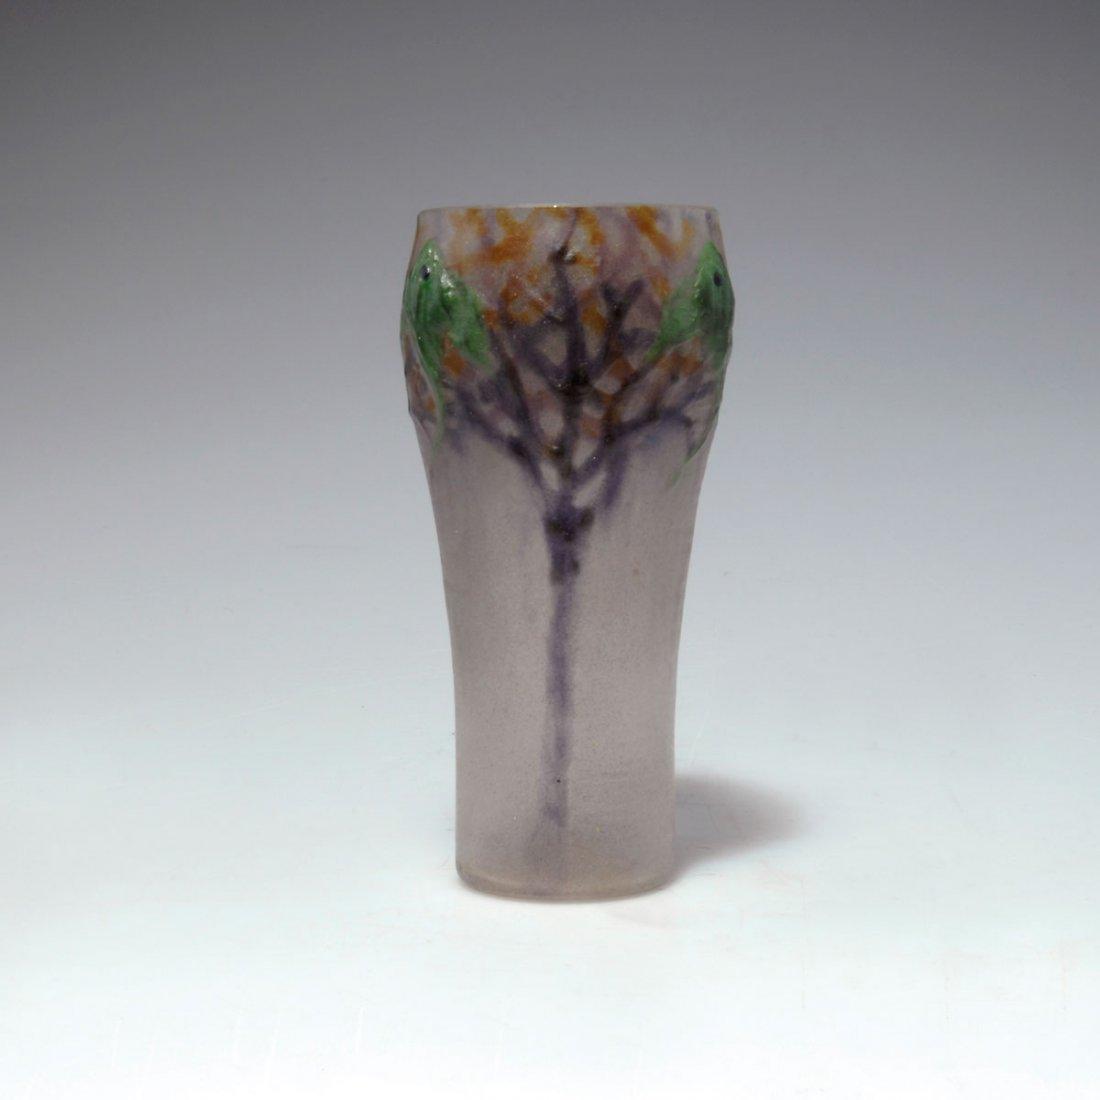 4: Vase 'Algues et Poissons', 1919